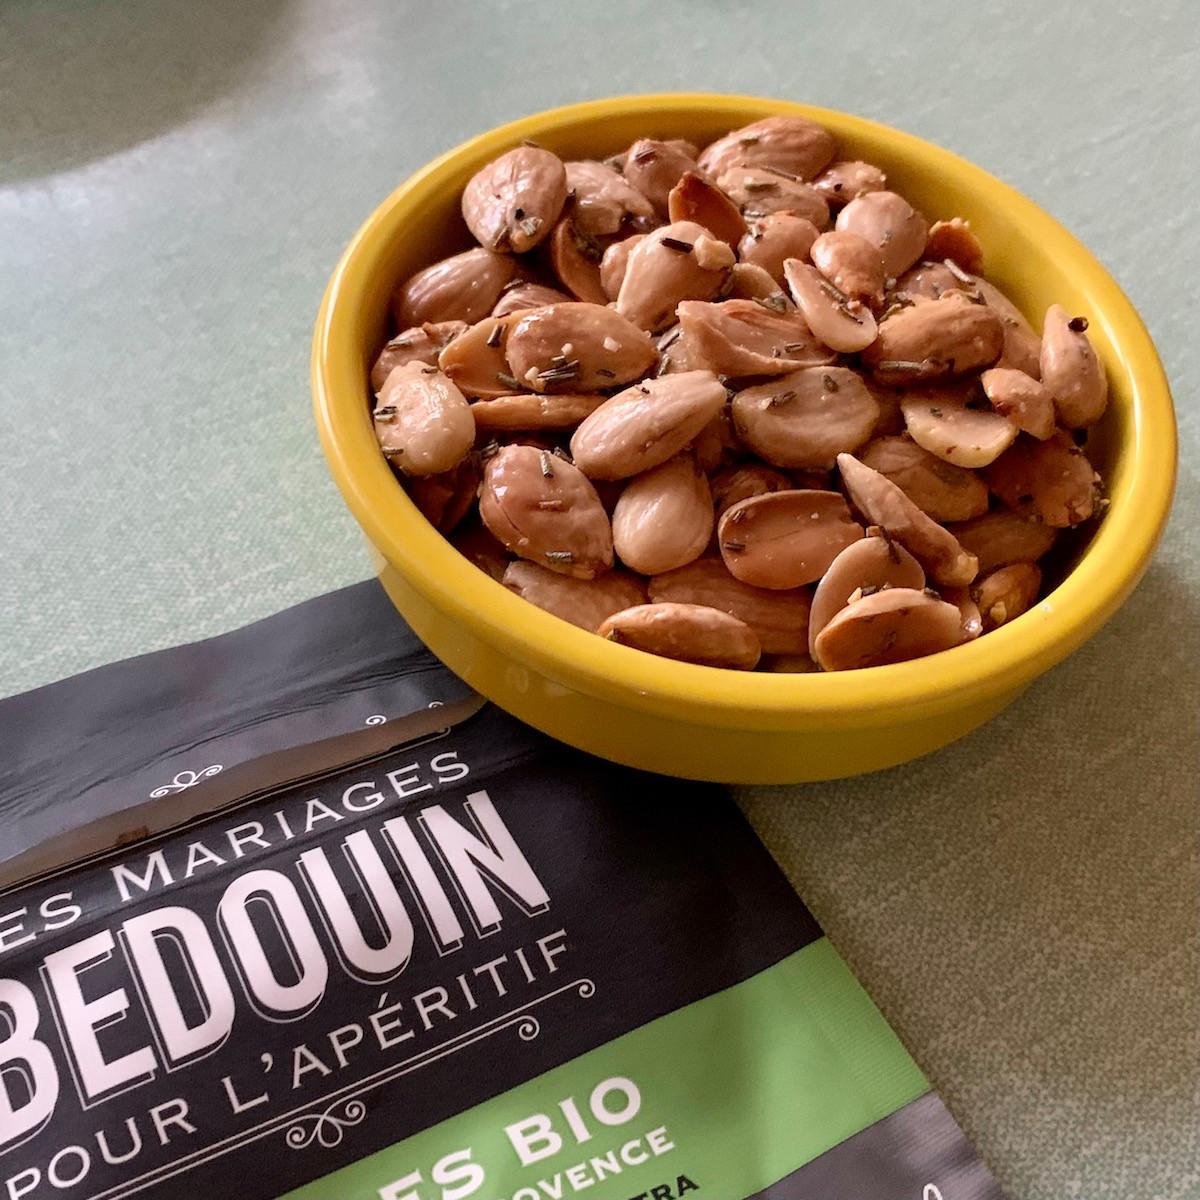 Les amandes bio «Les Mariages Bédouin» sont le snack parfait pour l'apéritif, que ce soit aux herbes de Provence ou au piment d'Espelette… (Photo: Maison Moderne)